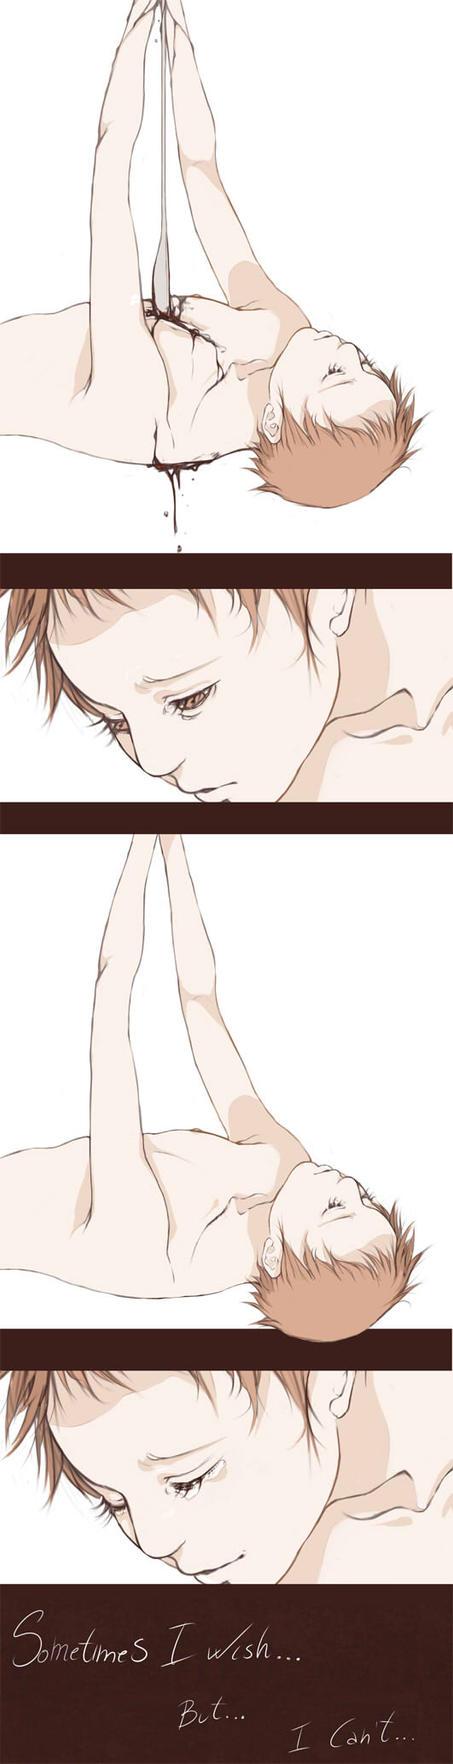 I wish by Hieyizar